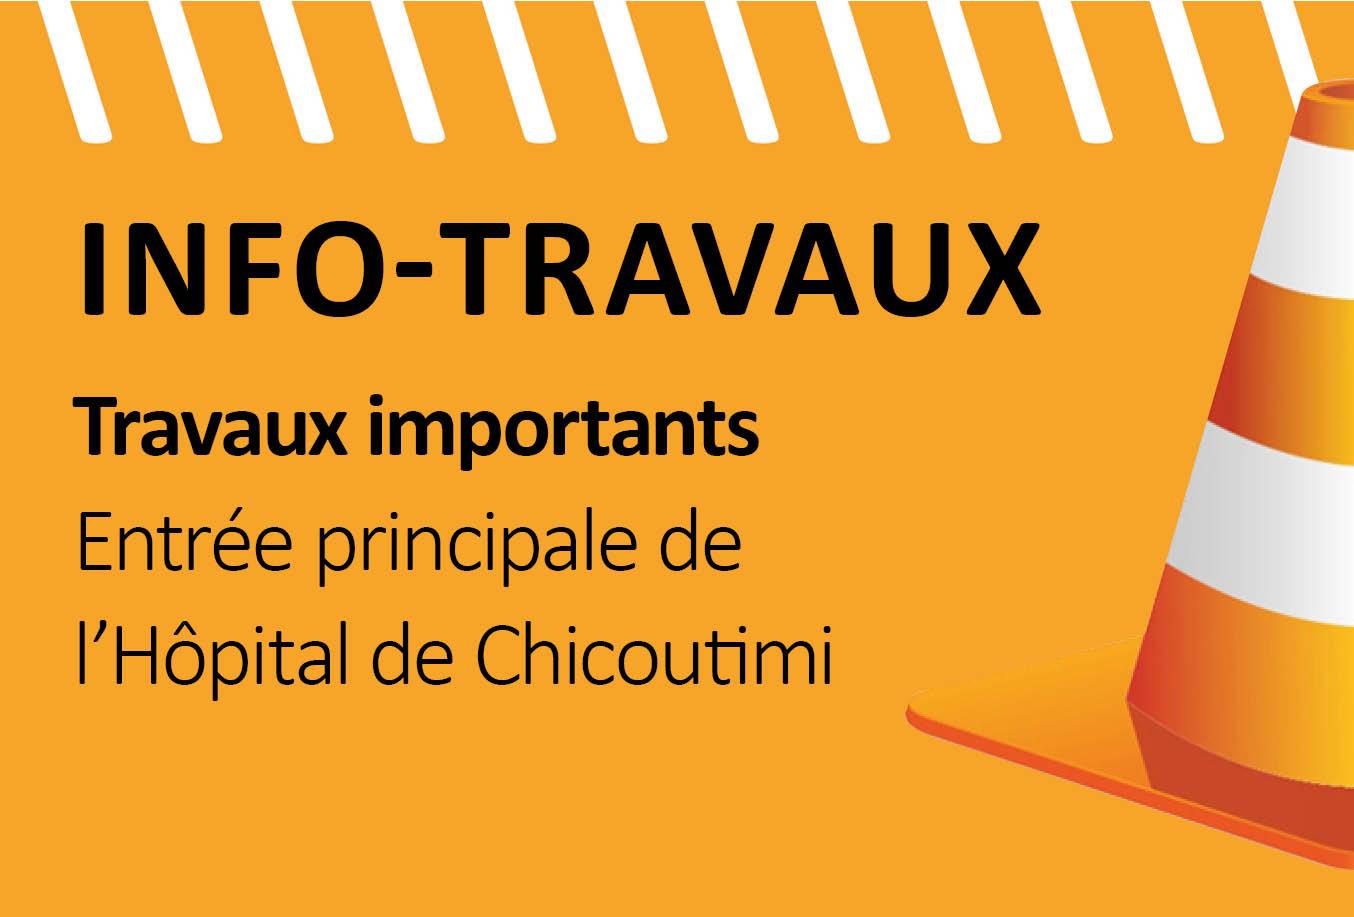 Travaux importants de l'entrée principale de l'Hôpital de Chicoutimi – Dès le lundi 6 janvier 2020